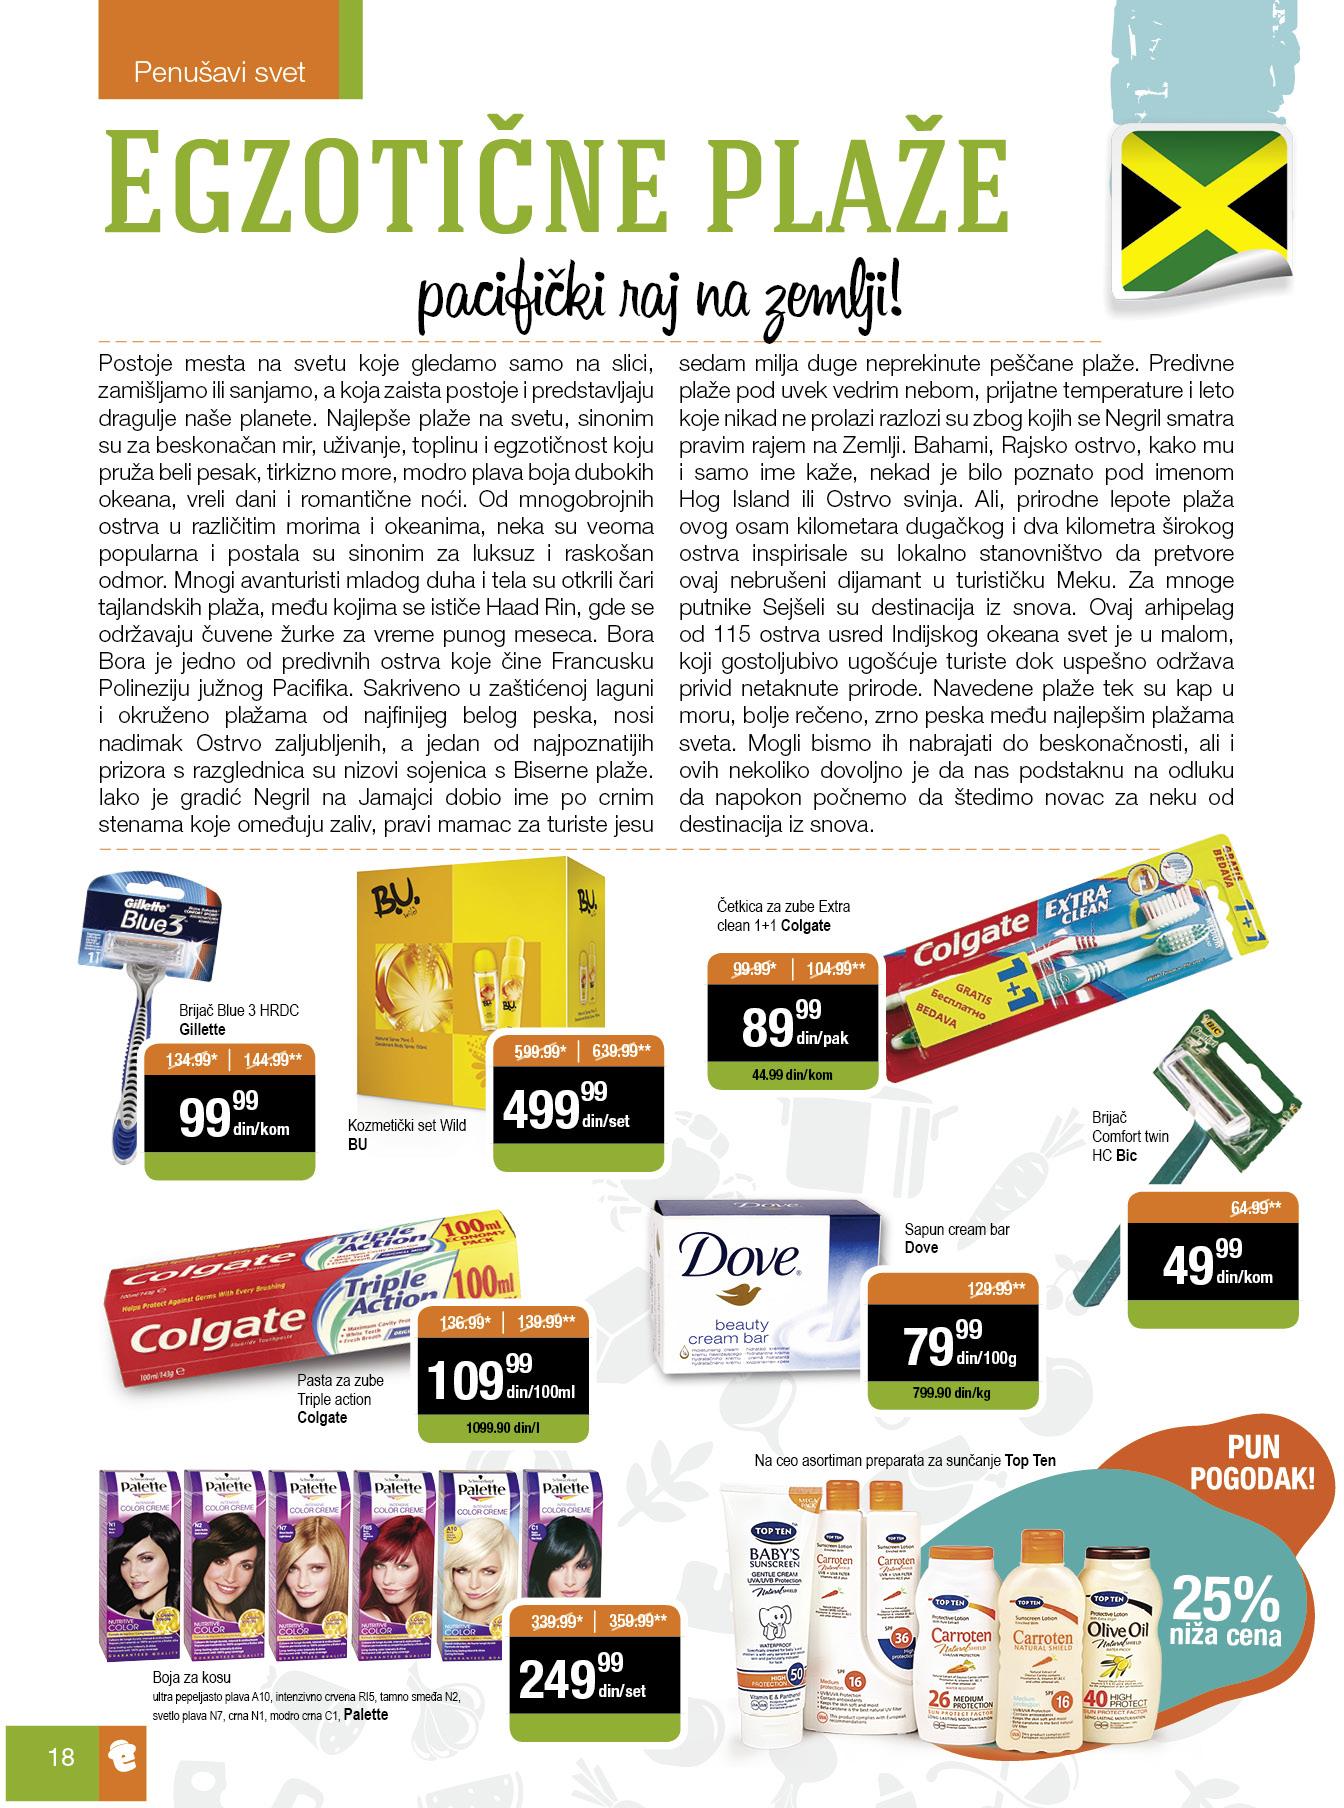 Gomex akcija odlične kupovine